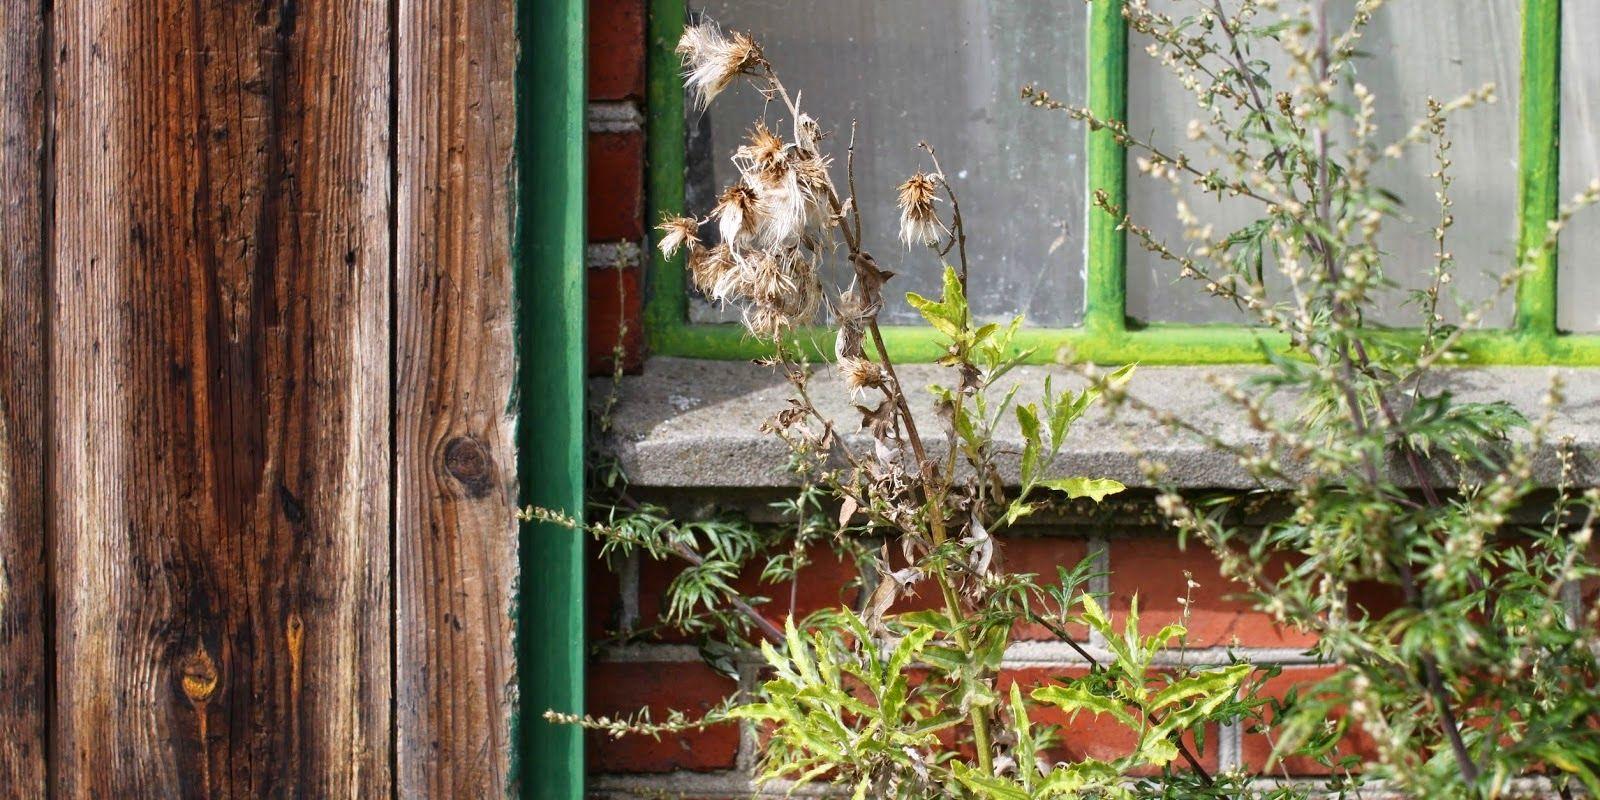 BARNDOM GENNEM NÆSEN - My childhood garden-memories